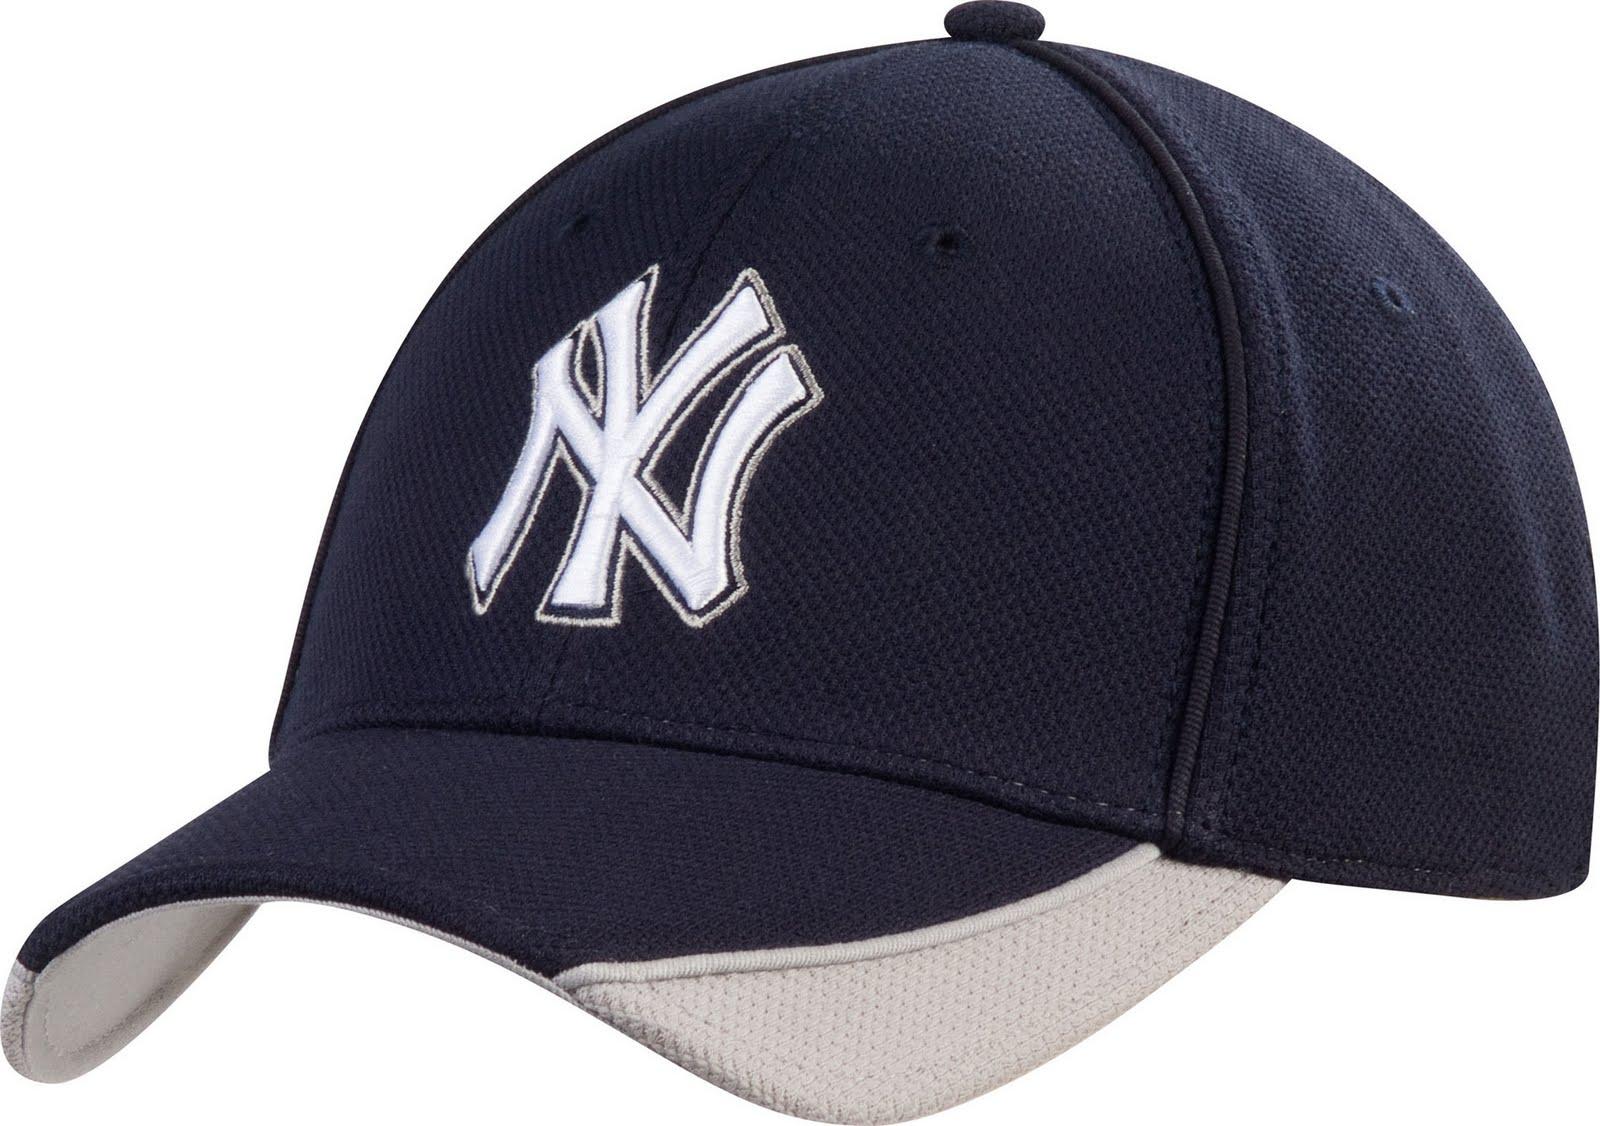 Yankies baseball cap clipart jpg free stock Free Yankees Cap Cliparts, Download Free Clip Art, Free Clip ... jpg free stock